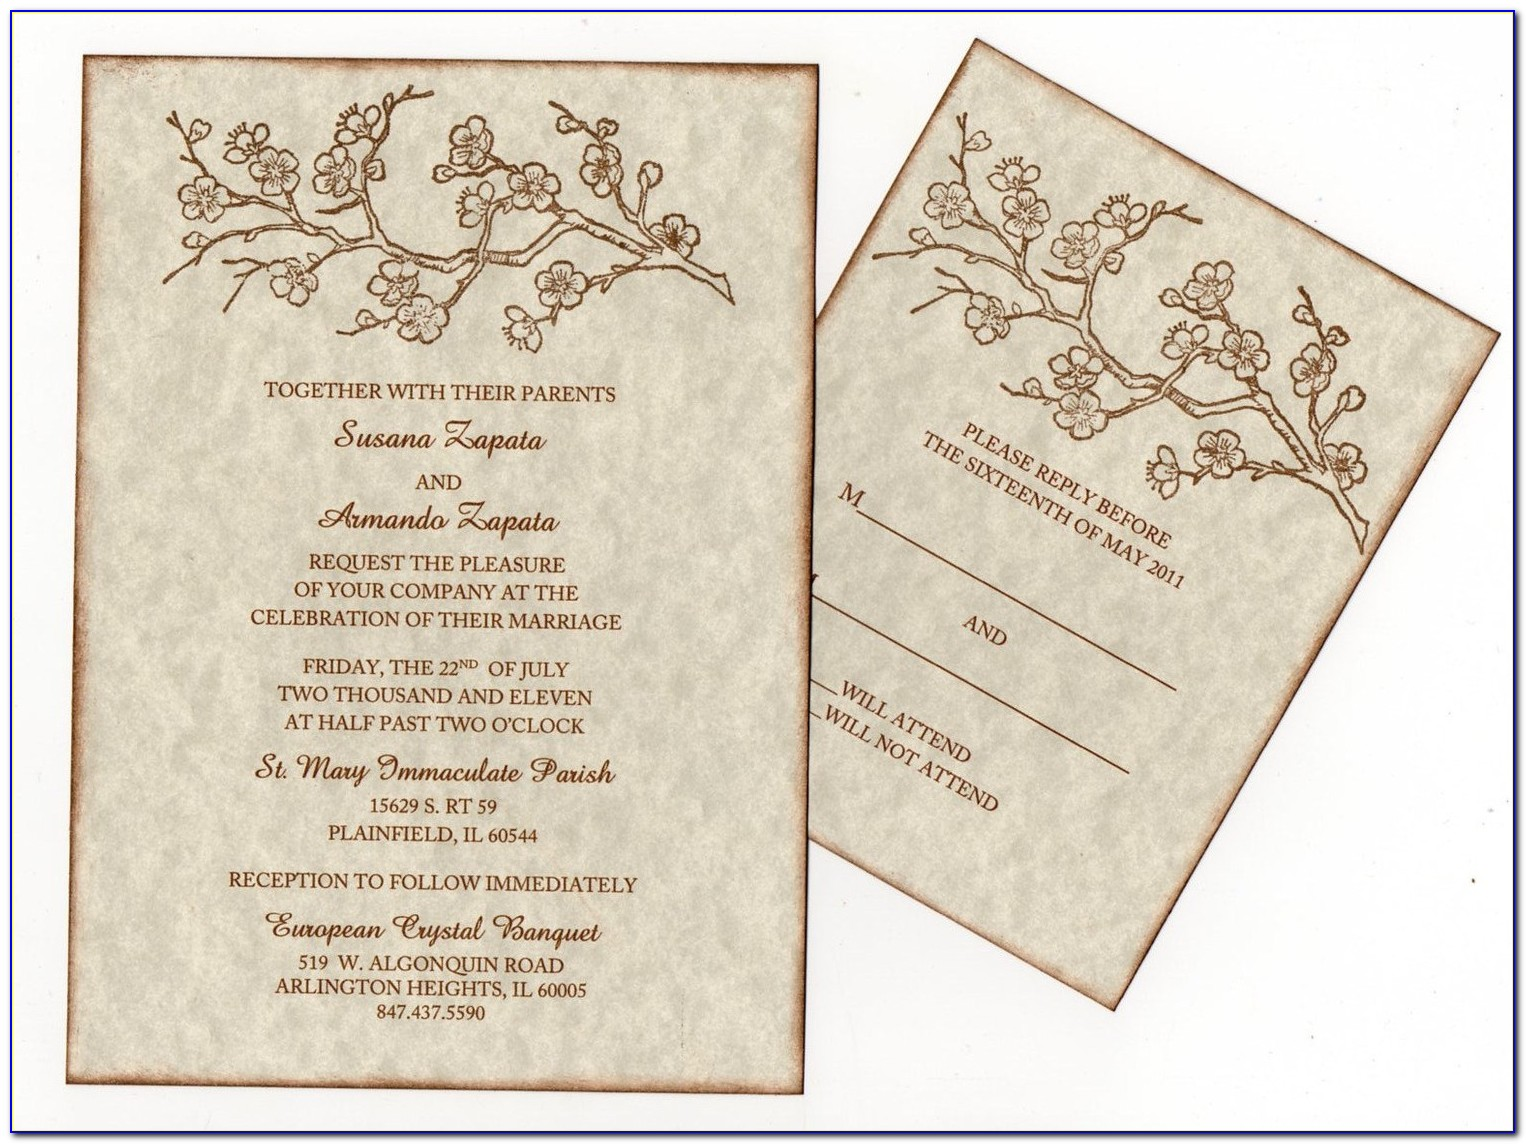 Hindu Wedding Card Templates Free